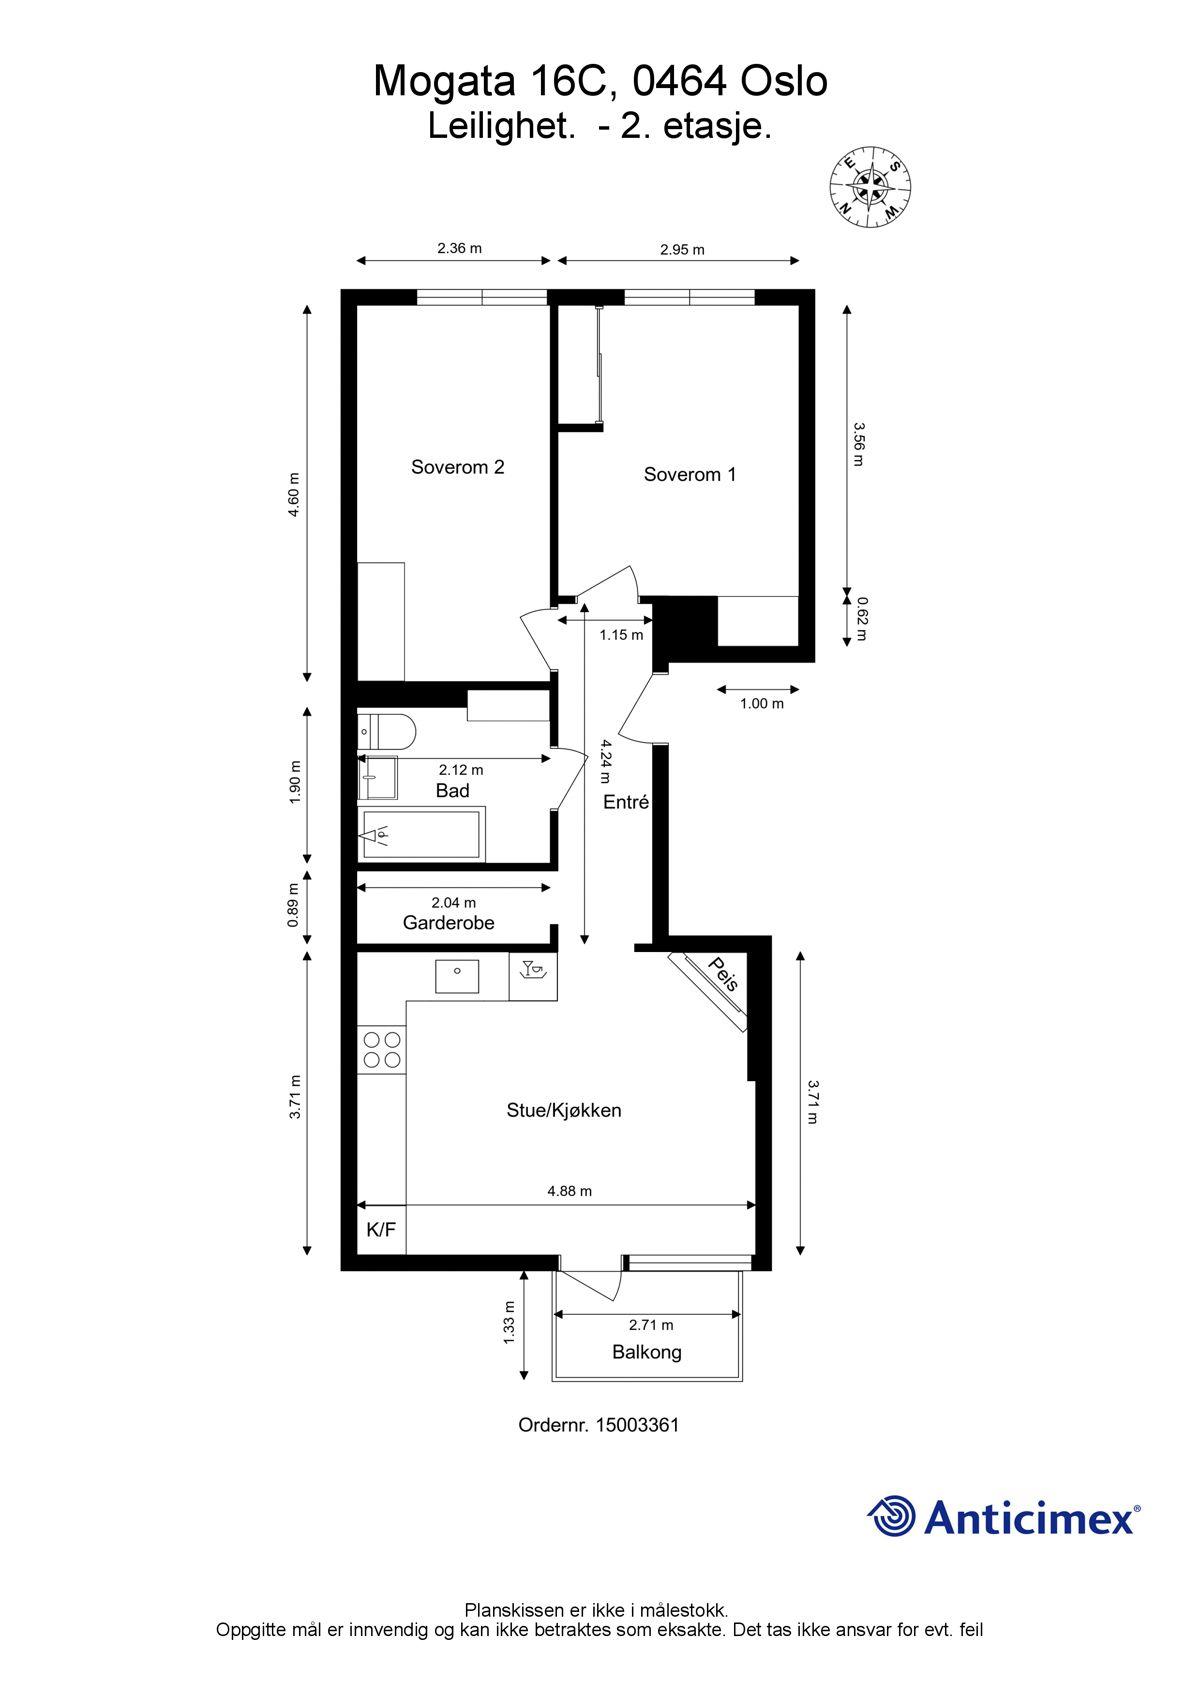 Mogata 16 C Plantegning. I tillegg disponerer leiligheten tre kjellerboder på ca. 3 m², 2 m² og 1,5 m².